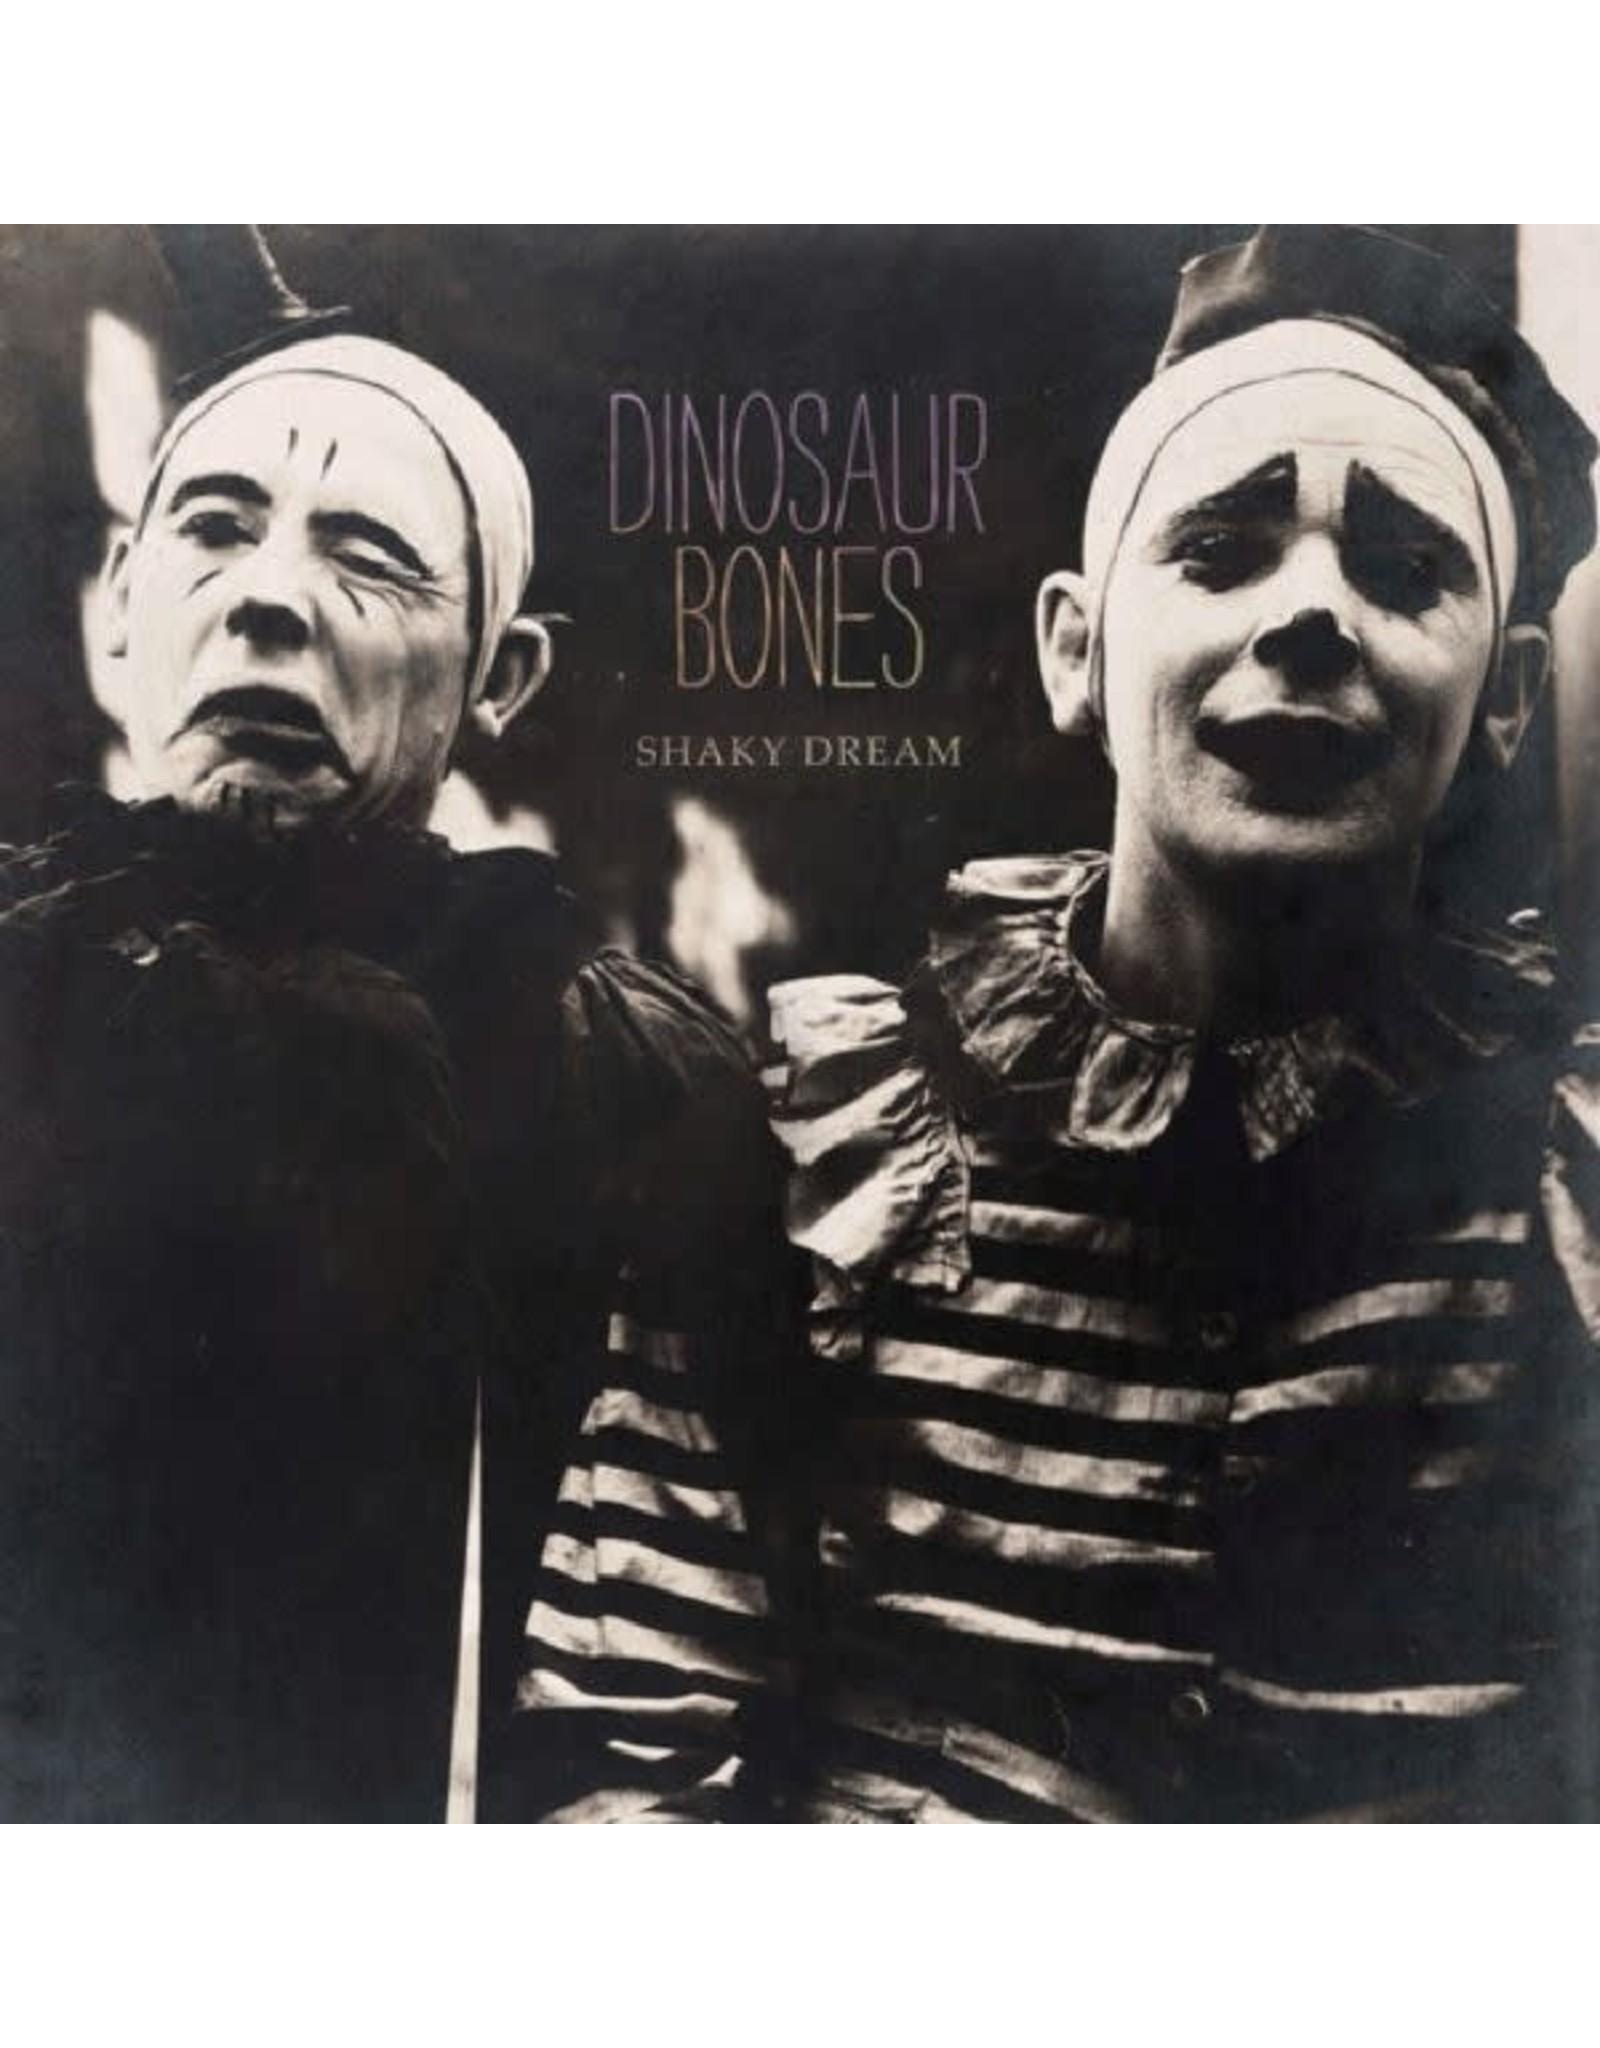 Dinosaur Bones - Shaky Dream LP